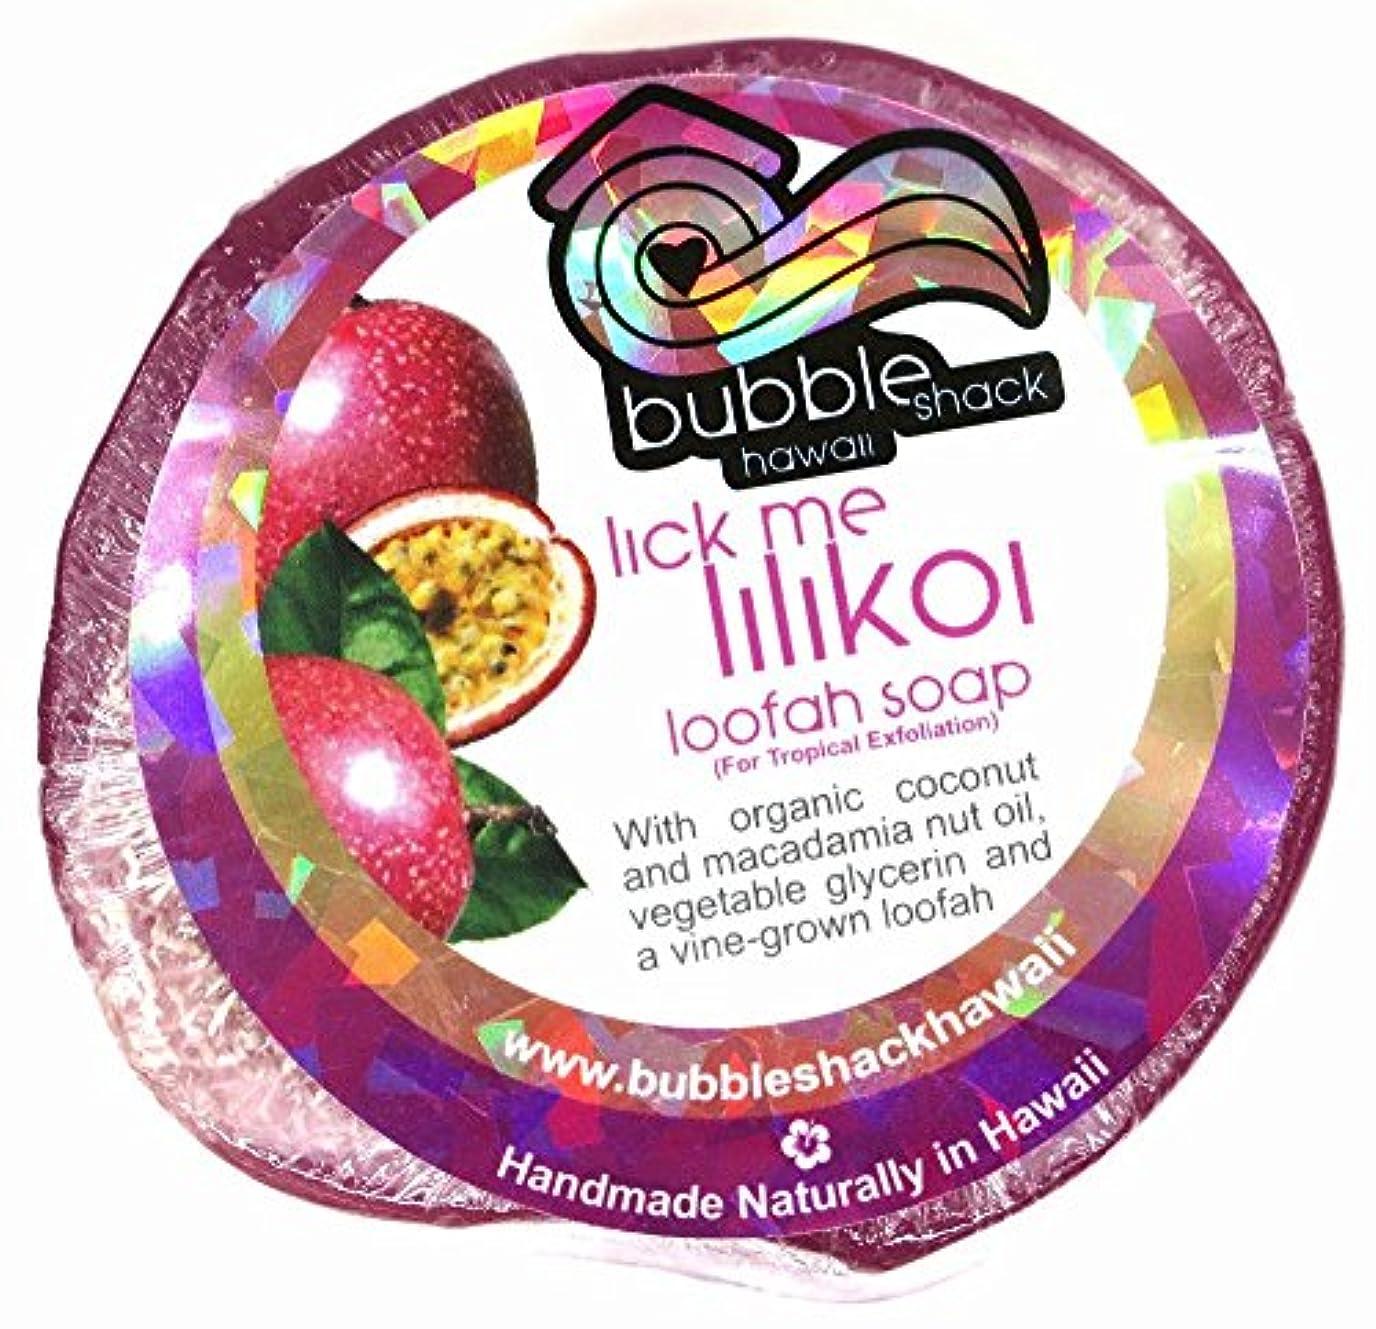 お客様マット正しいハワイアン雑貨/ハワイ 雑貨【バブルシャック】Bubble Shack Hawaii ルーファーソープ(リックミーリリコイ) 【お土産】